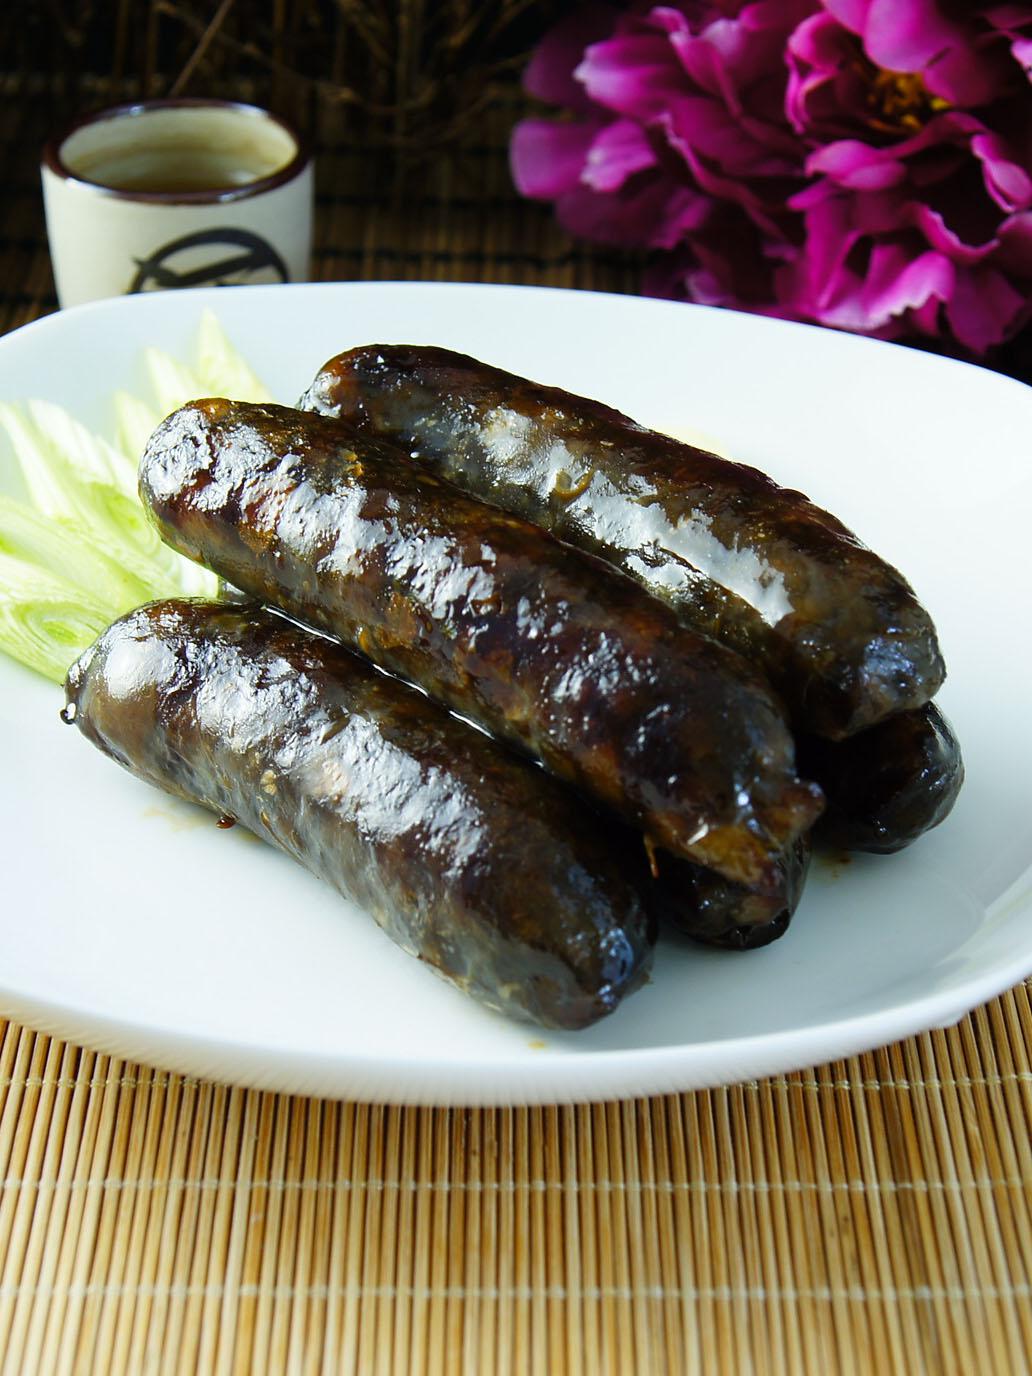 【金榮肉品】屏東東港 墨魚香腸 - 130元(300克±5%/包)